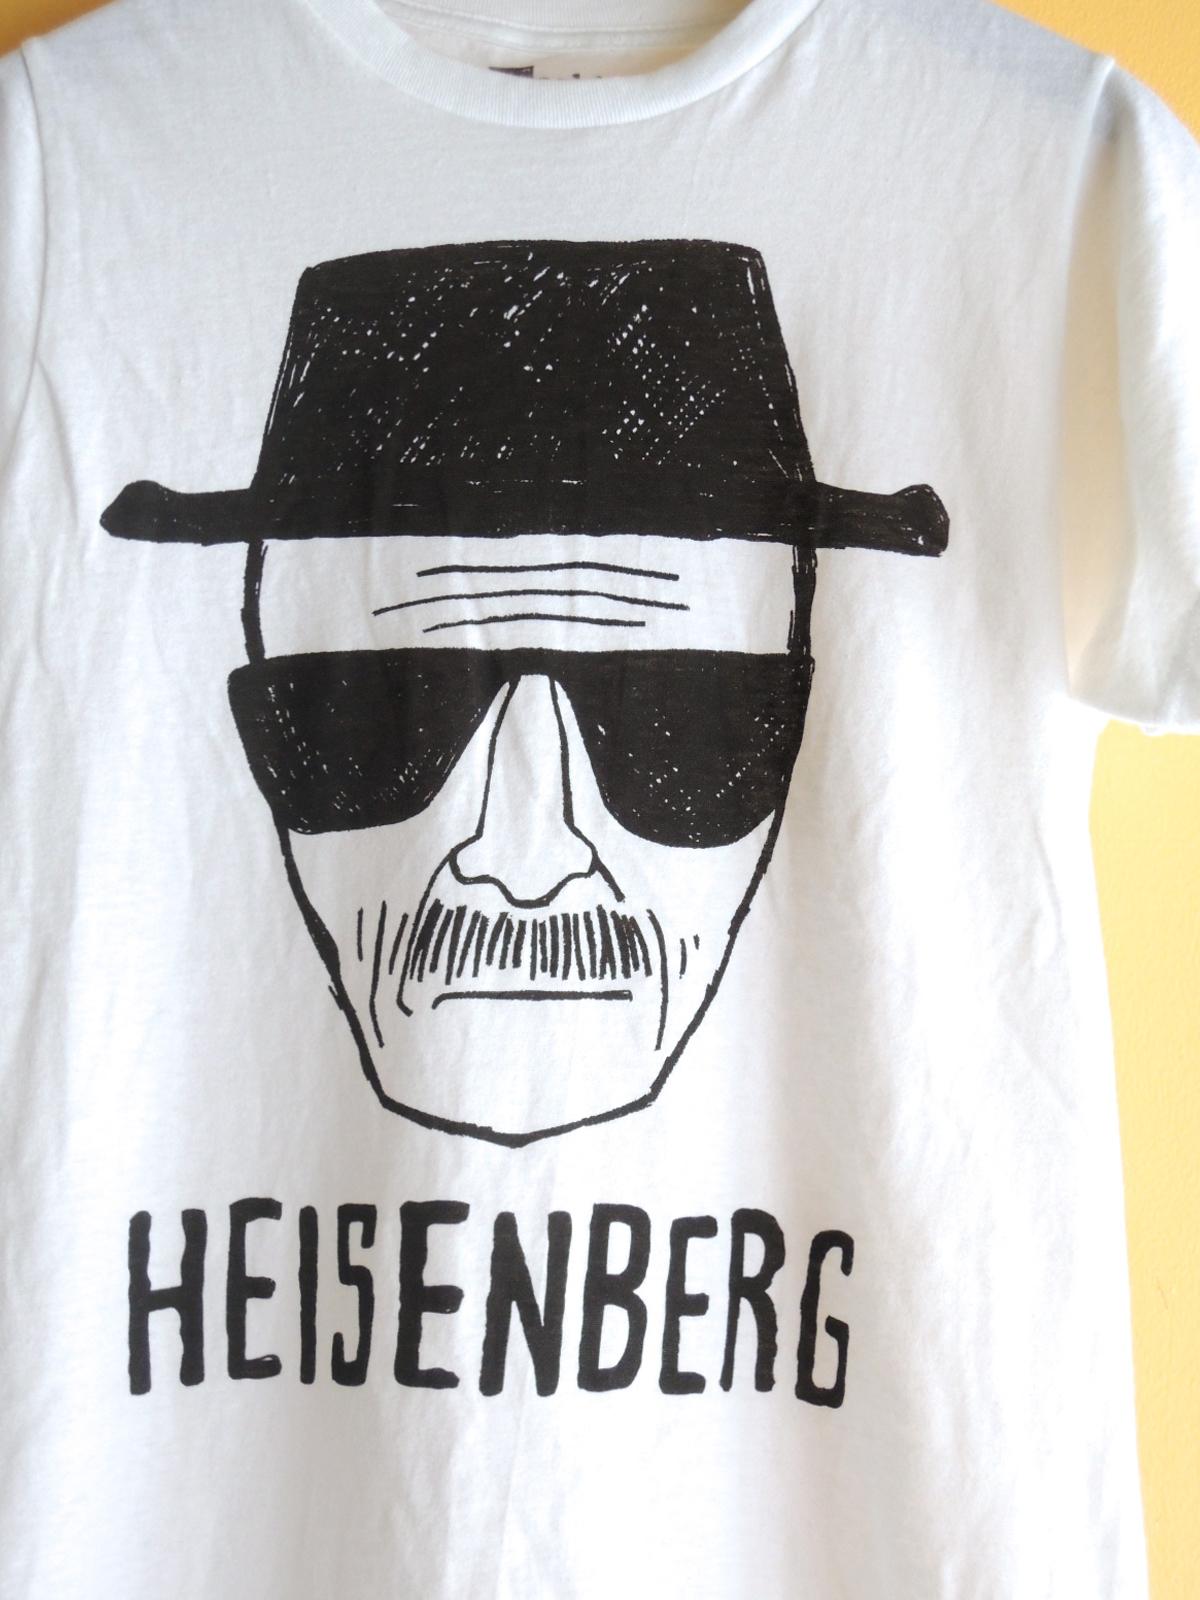 heisenbergtshirts03.JPG